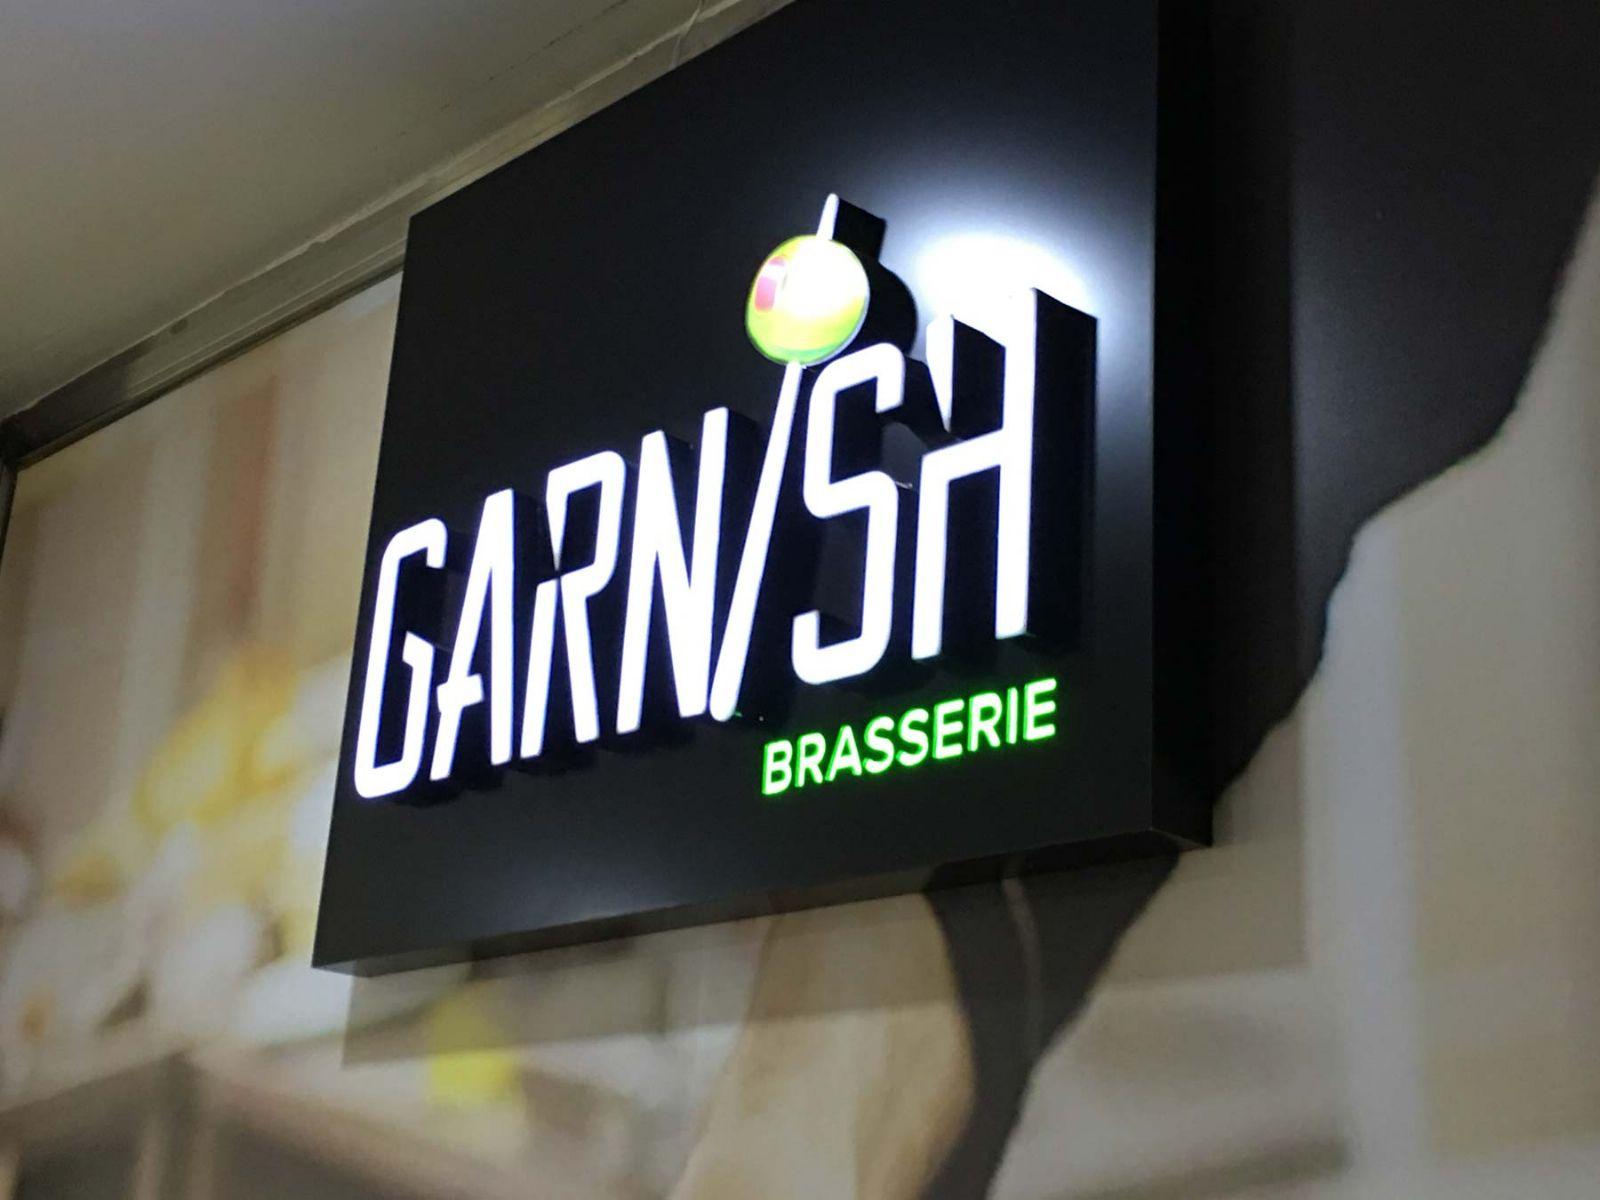 garnish-ic-mekan-tabela-uygulama-1